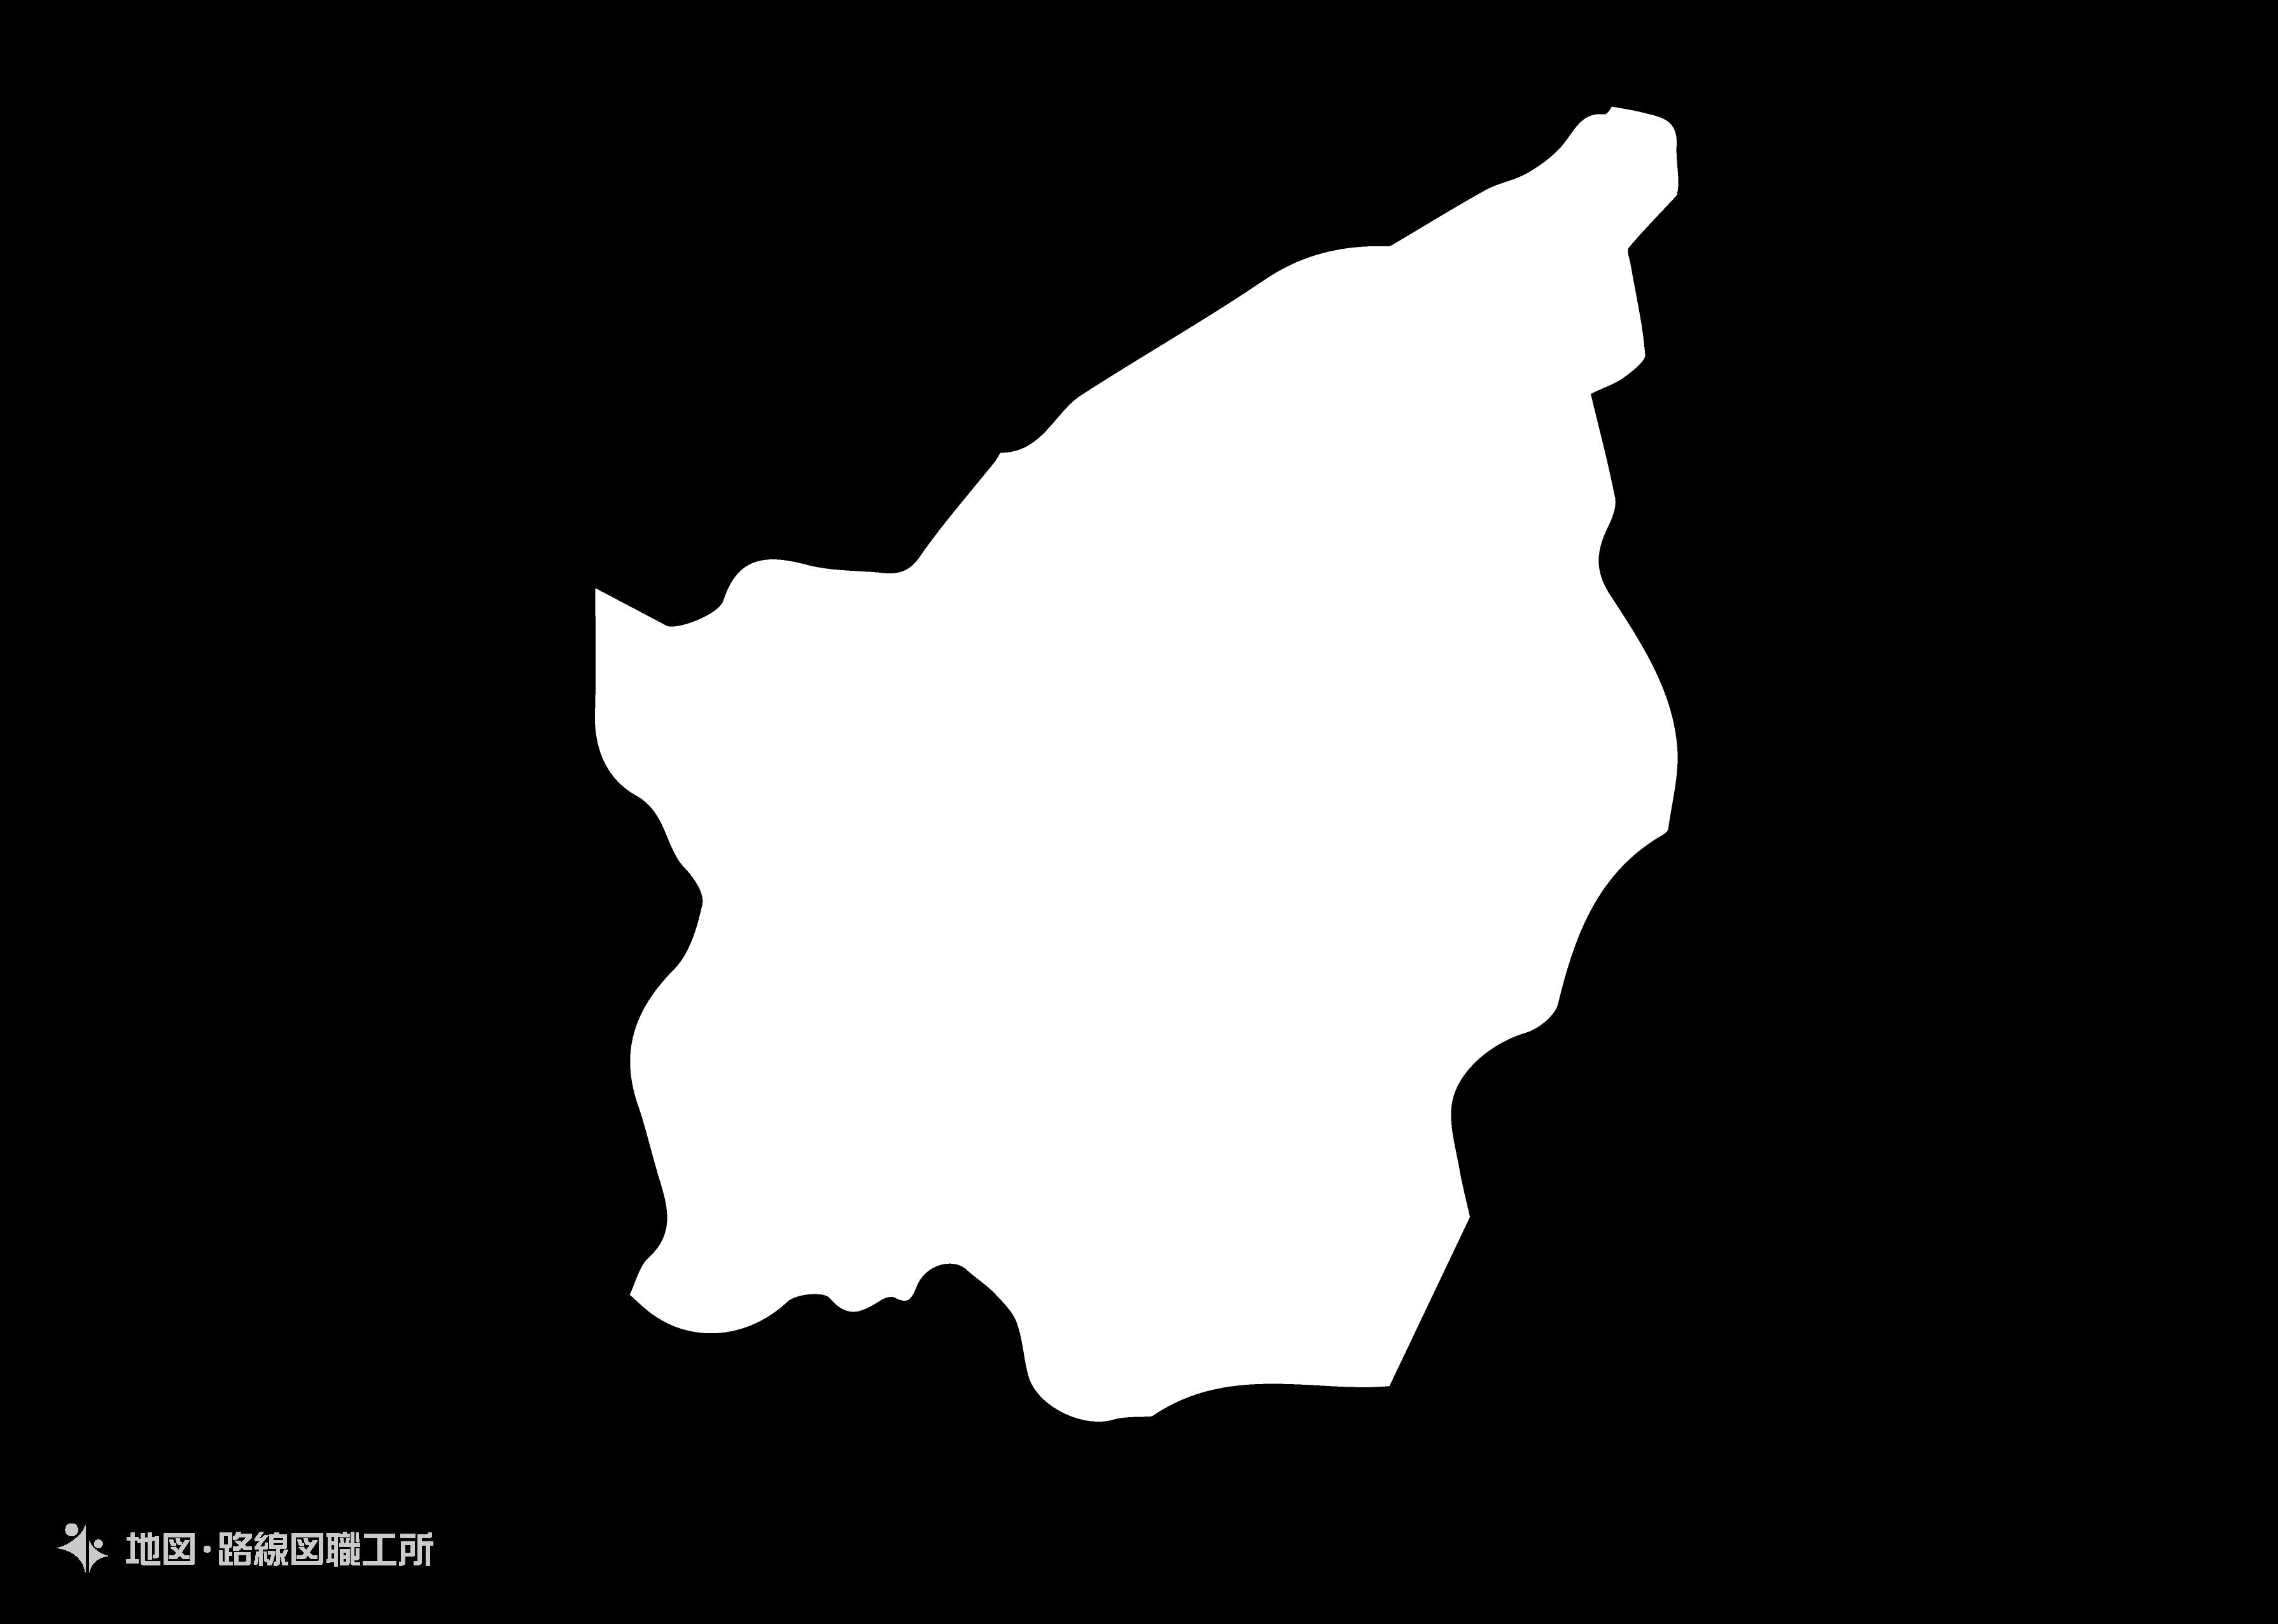 世界の白地図 サンマリノ共和国 republic-of-san-marino map